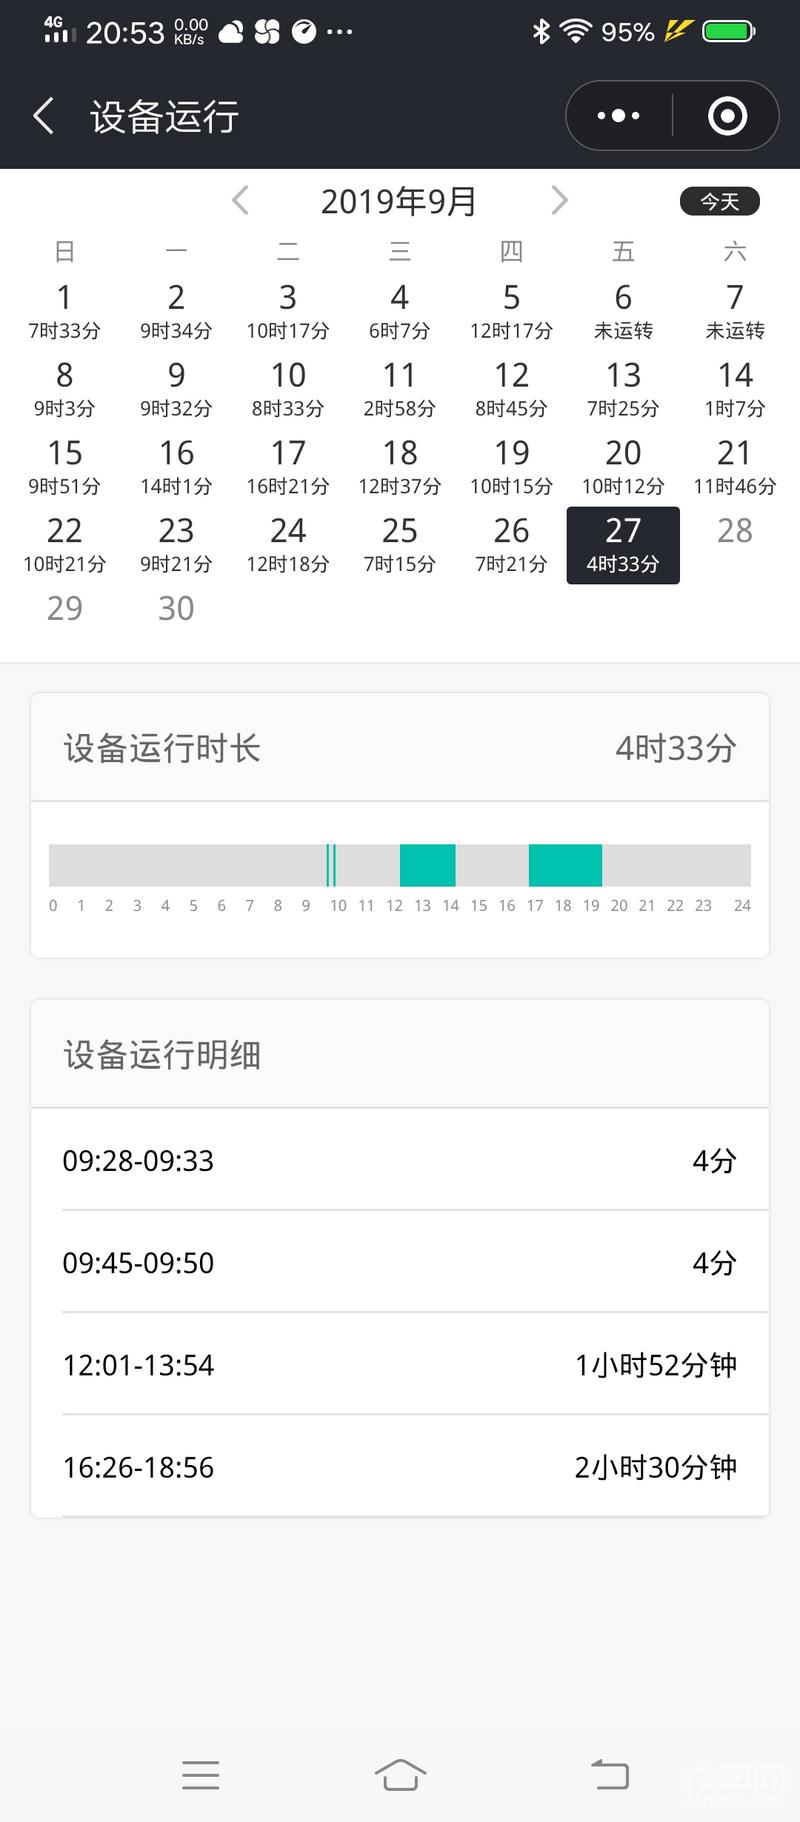 来吧,铁甲云盒·记录小帮手。总起来说这个月还是干的挺可以的,北京展期间是学徒在干。回来之后基本上每天都在忙。中间有两天下雨停了几天。最近这十来天基本上都是每天十个小时以上。